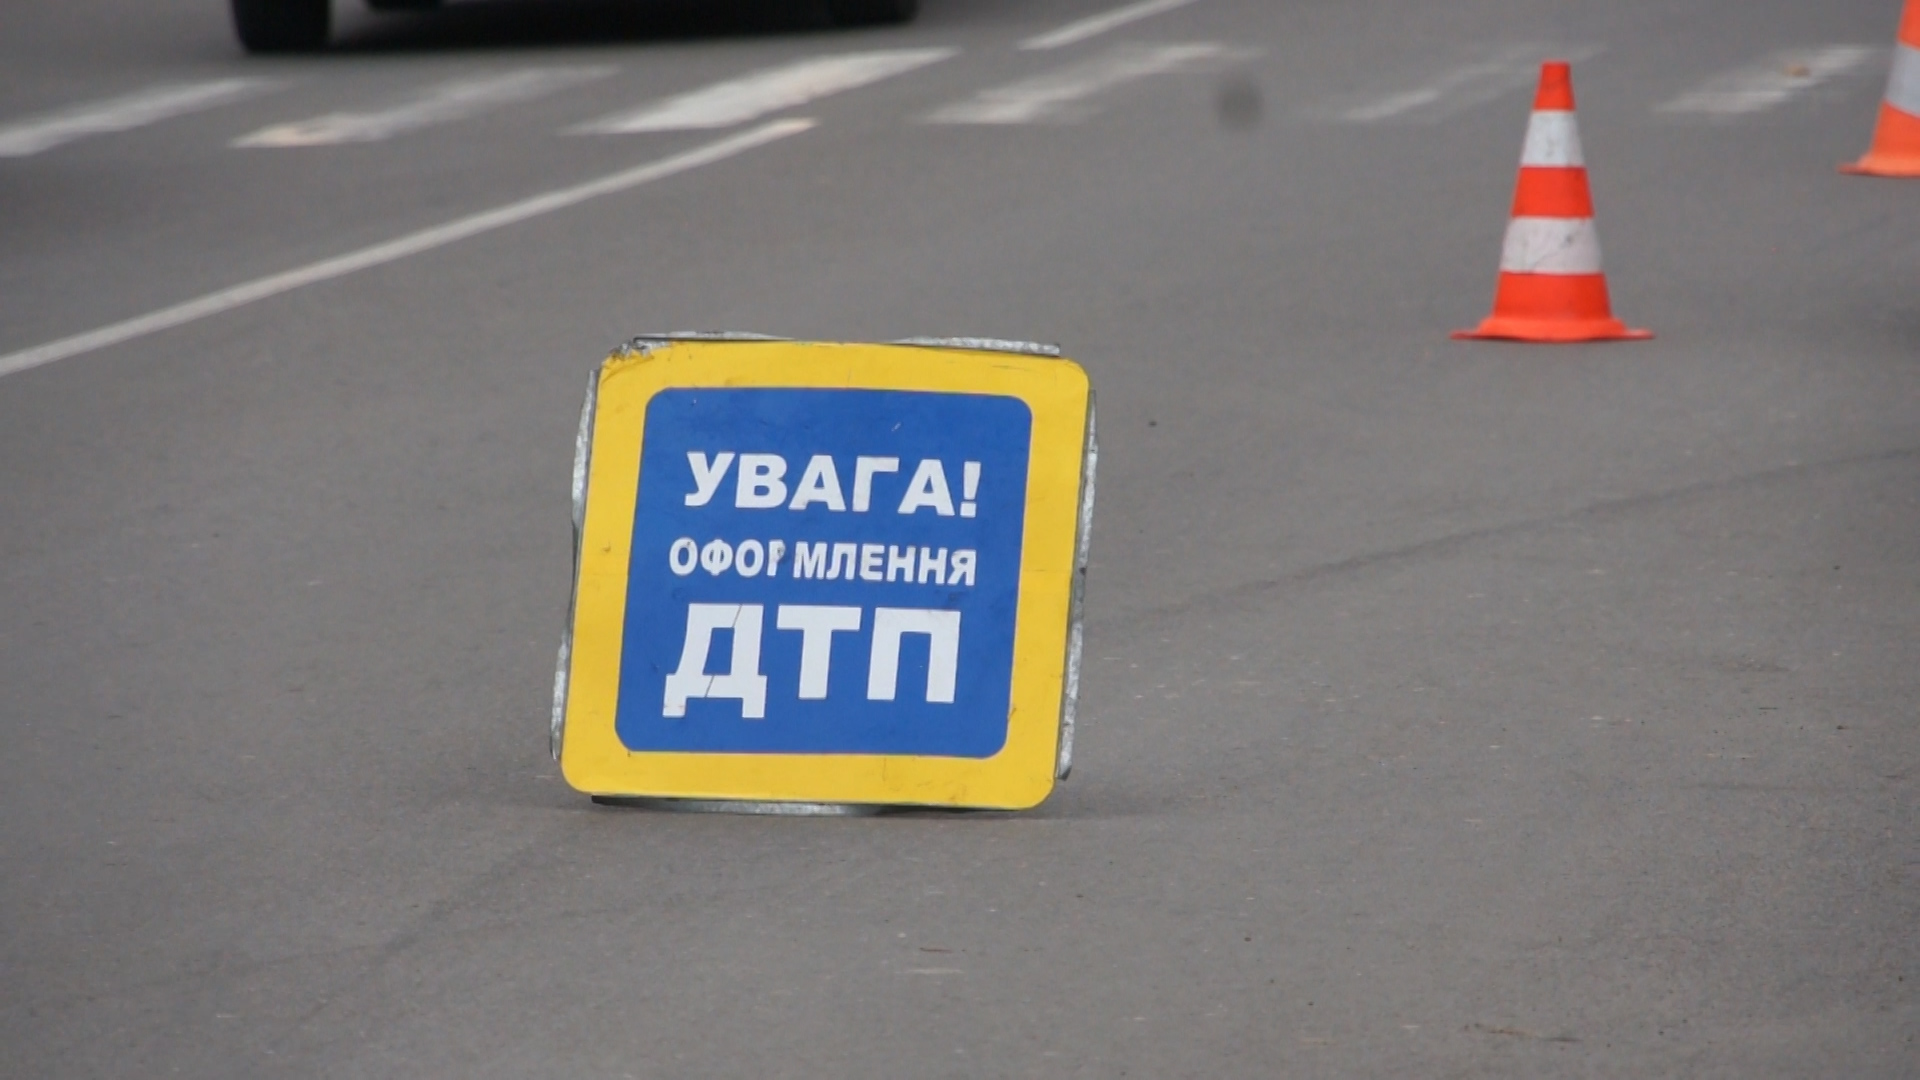 В центре Киева маршрутка попала в ДТП. Пострадала девушка-пассажир